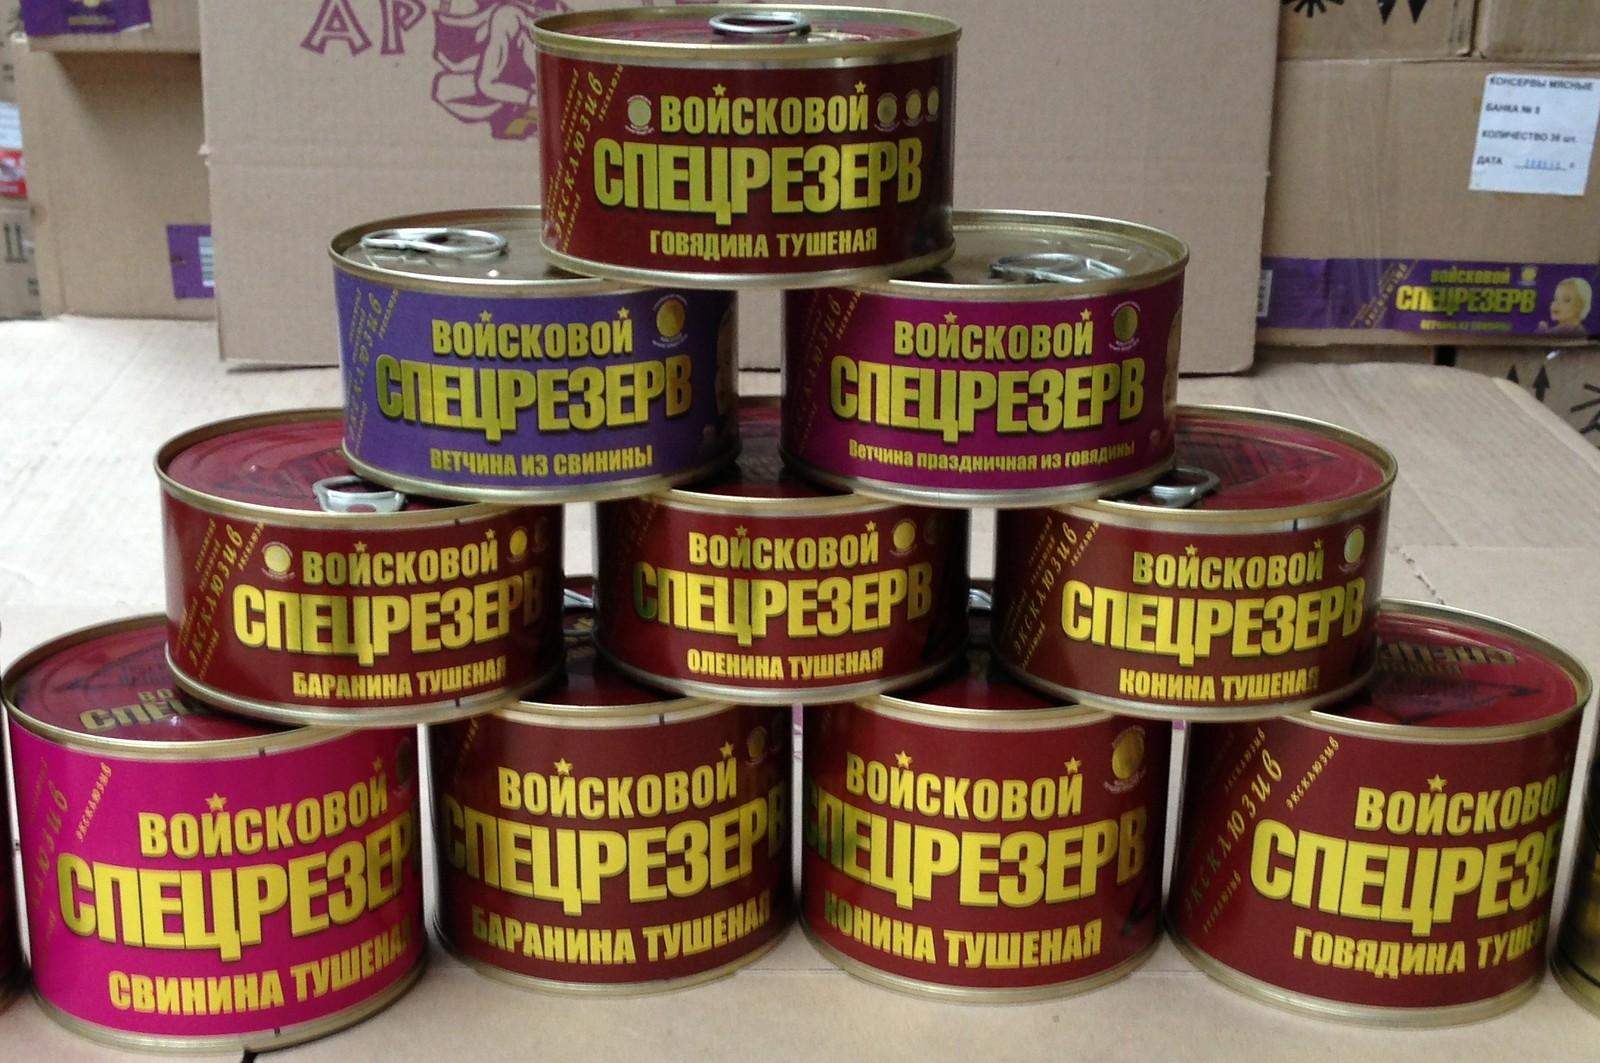 Купить консервы оптом в Москве с доставкой можно в интернет - магазине Арго